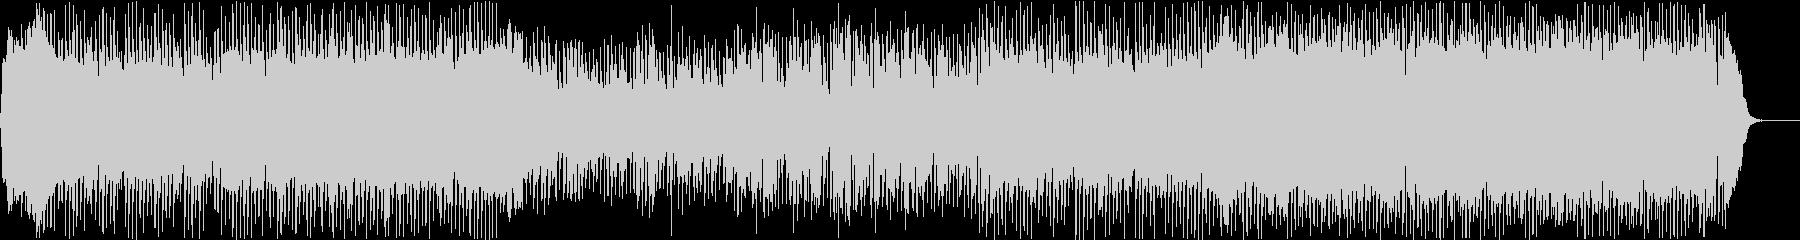 ジングルベル ゴージャスなビッグバンドの未再生の波形